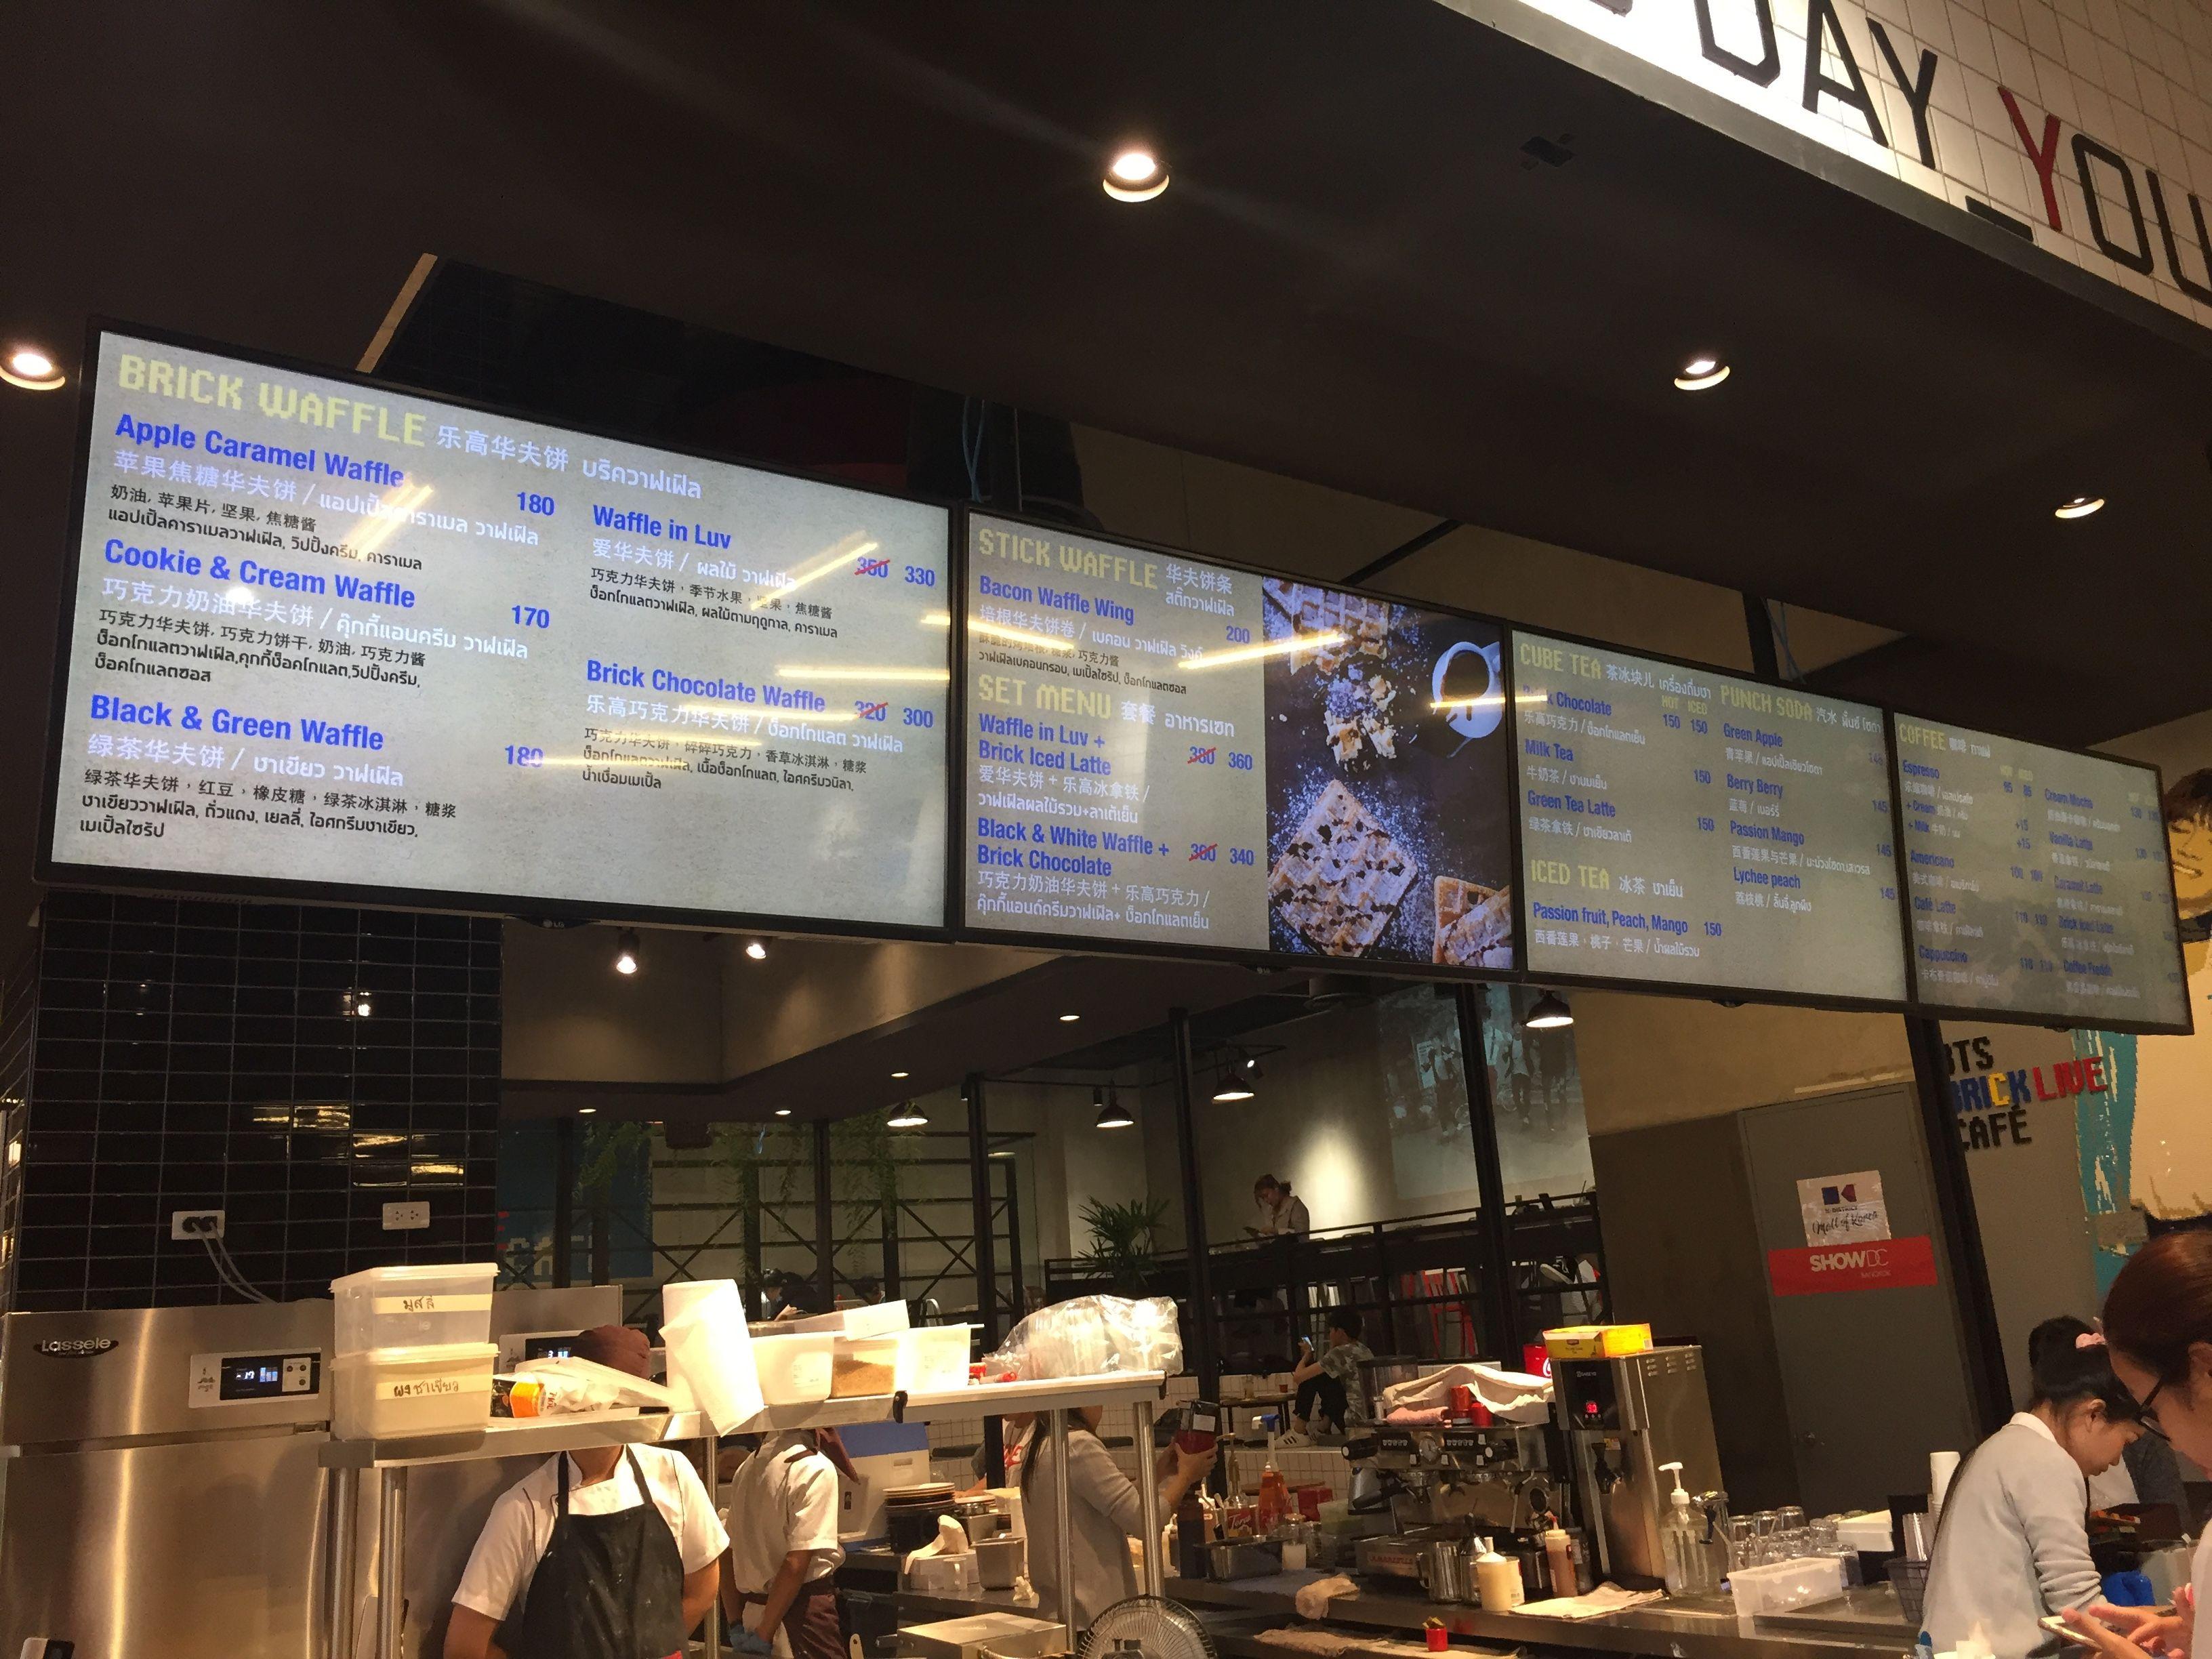 Bts Brick Live Cafe 4